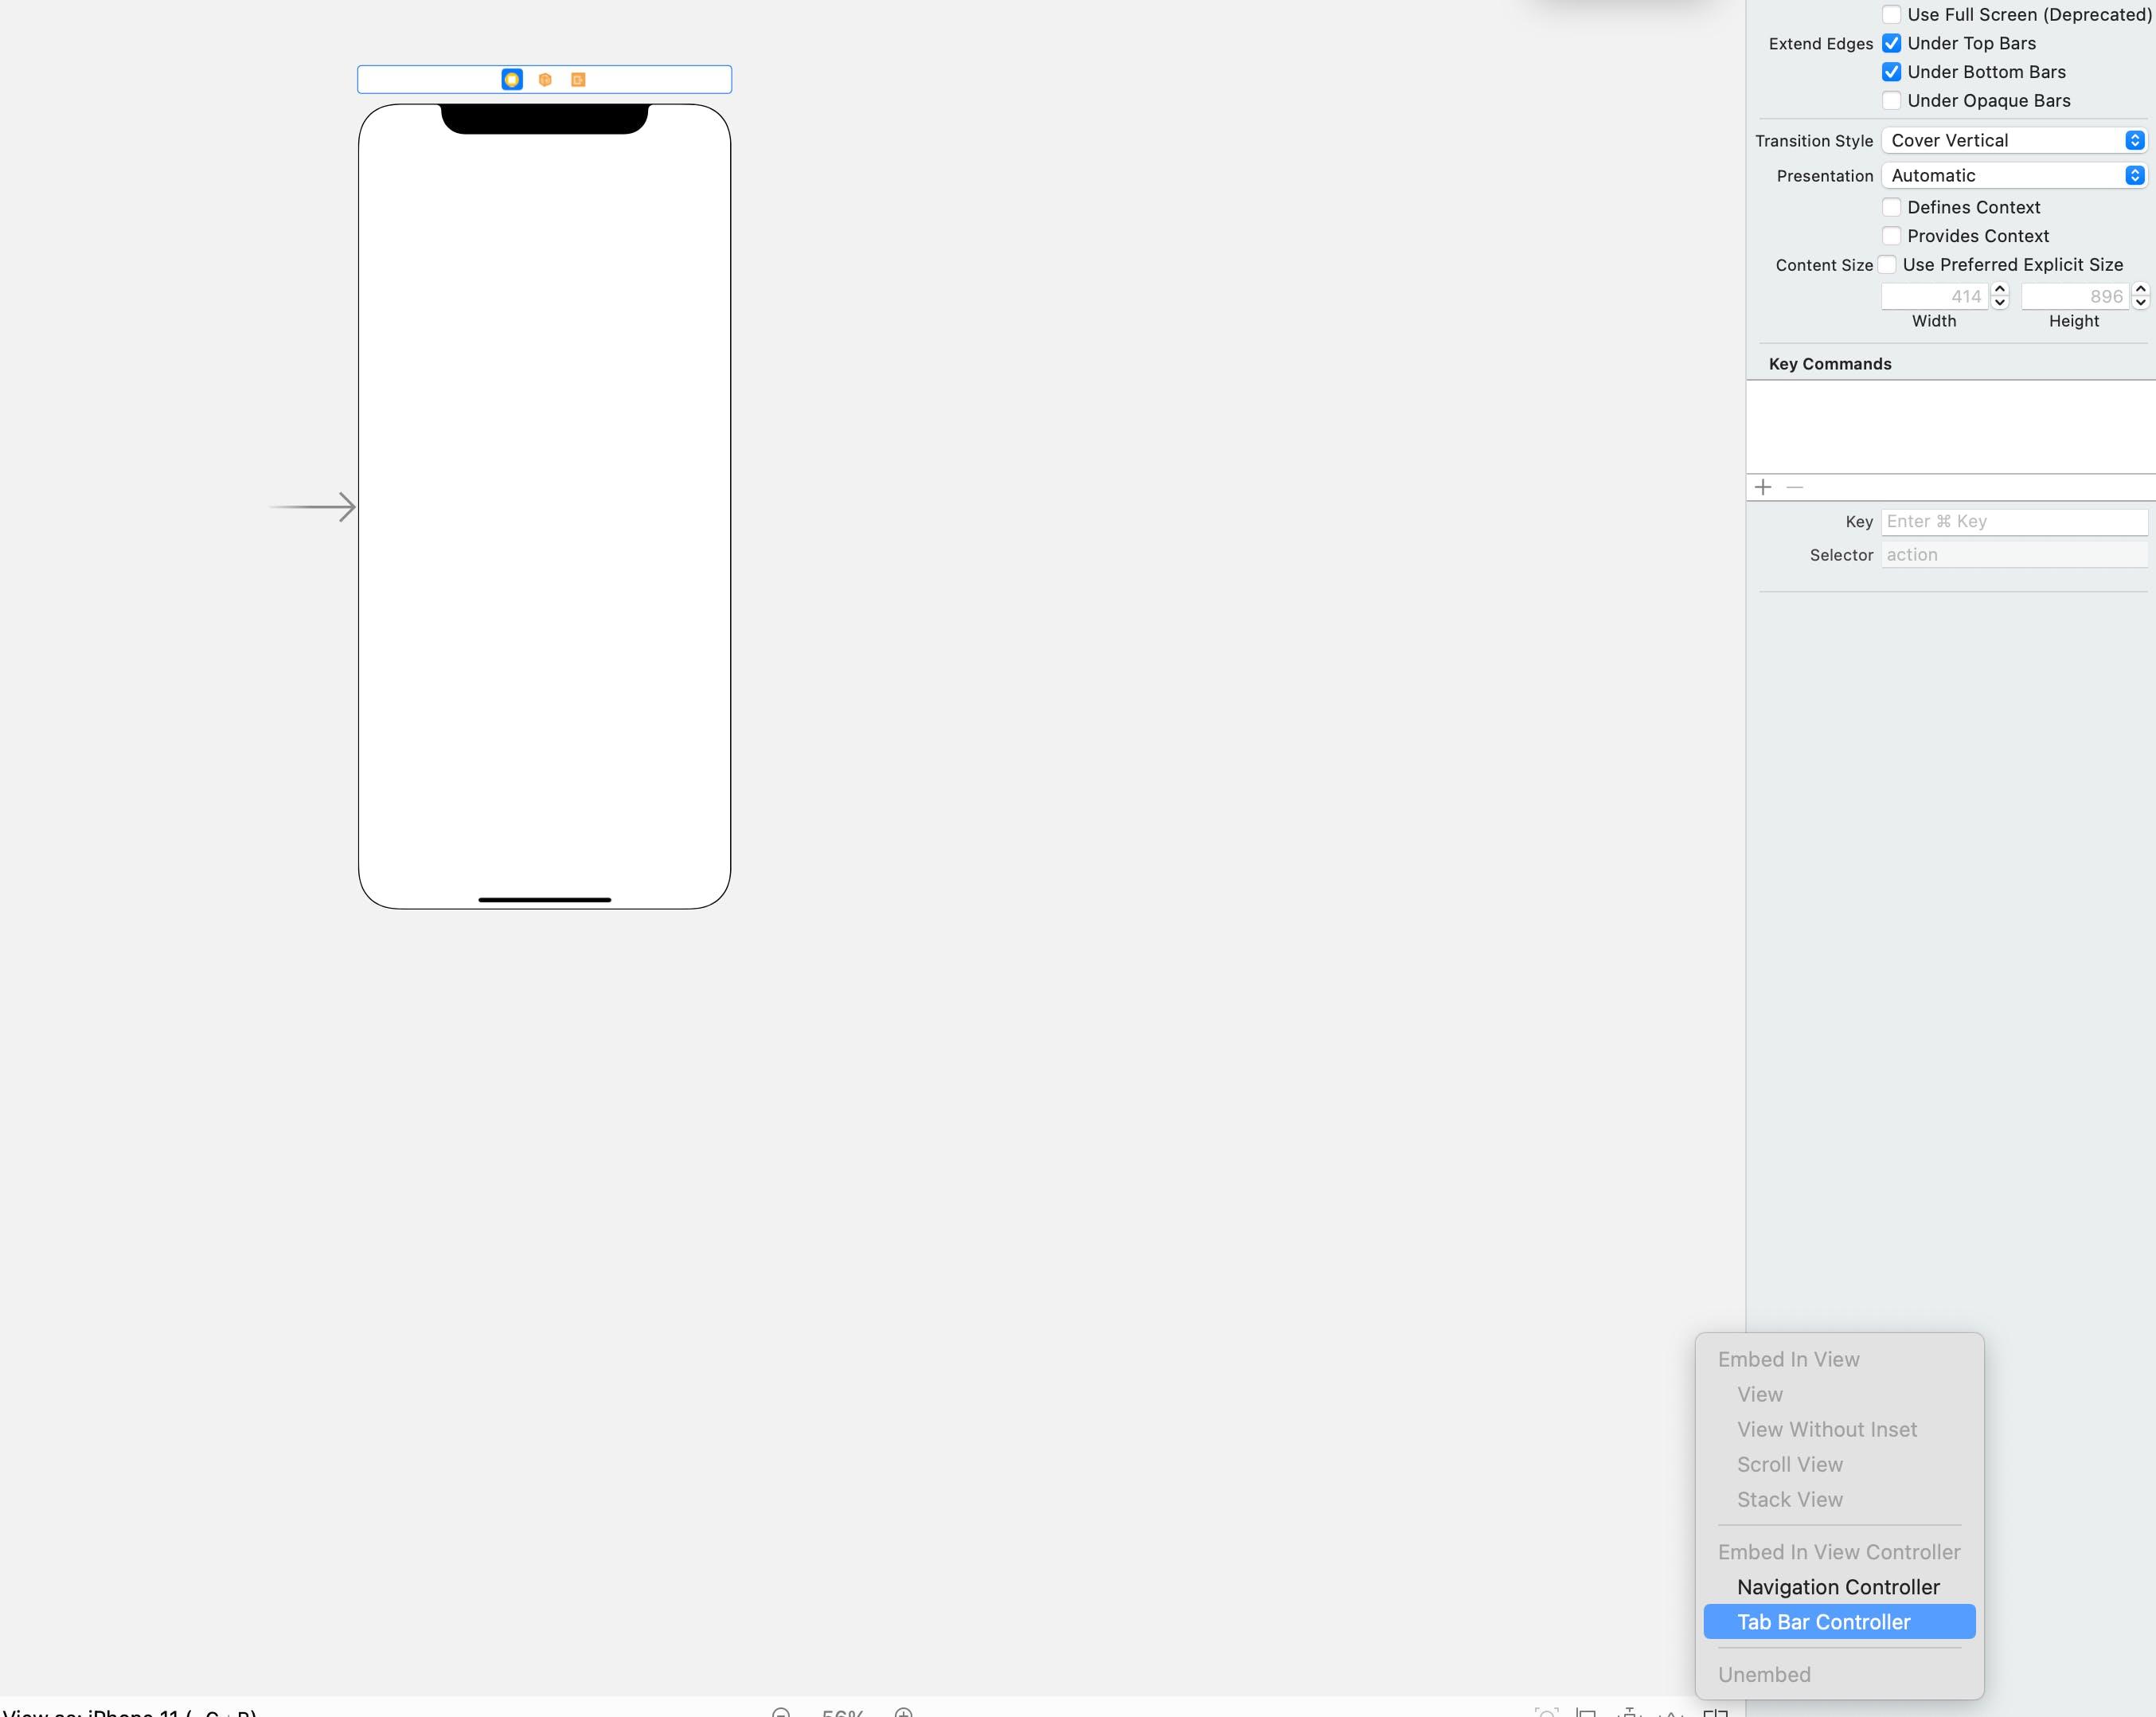 Screen Shot 2021-02-27 at 1.46.25 PM.png